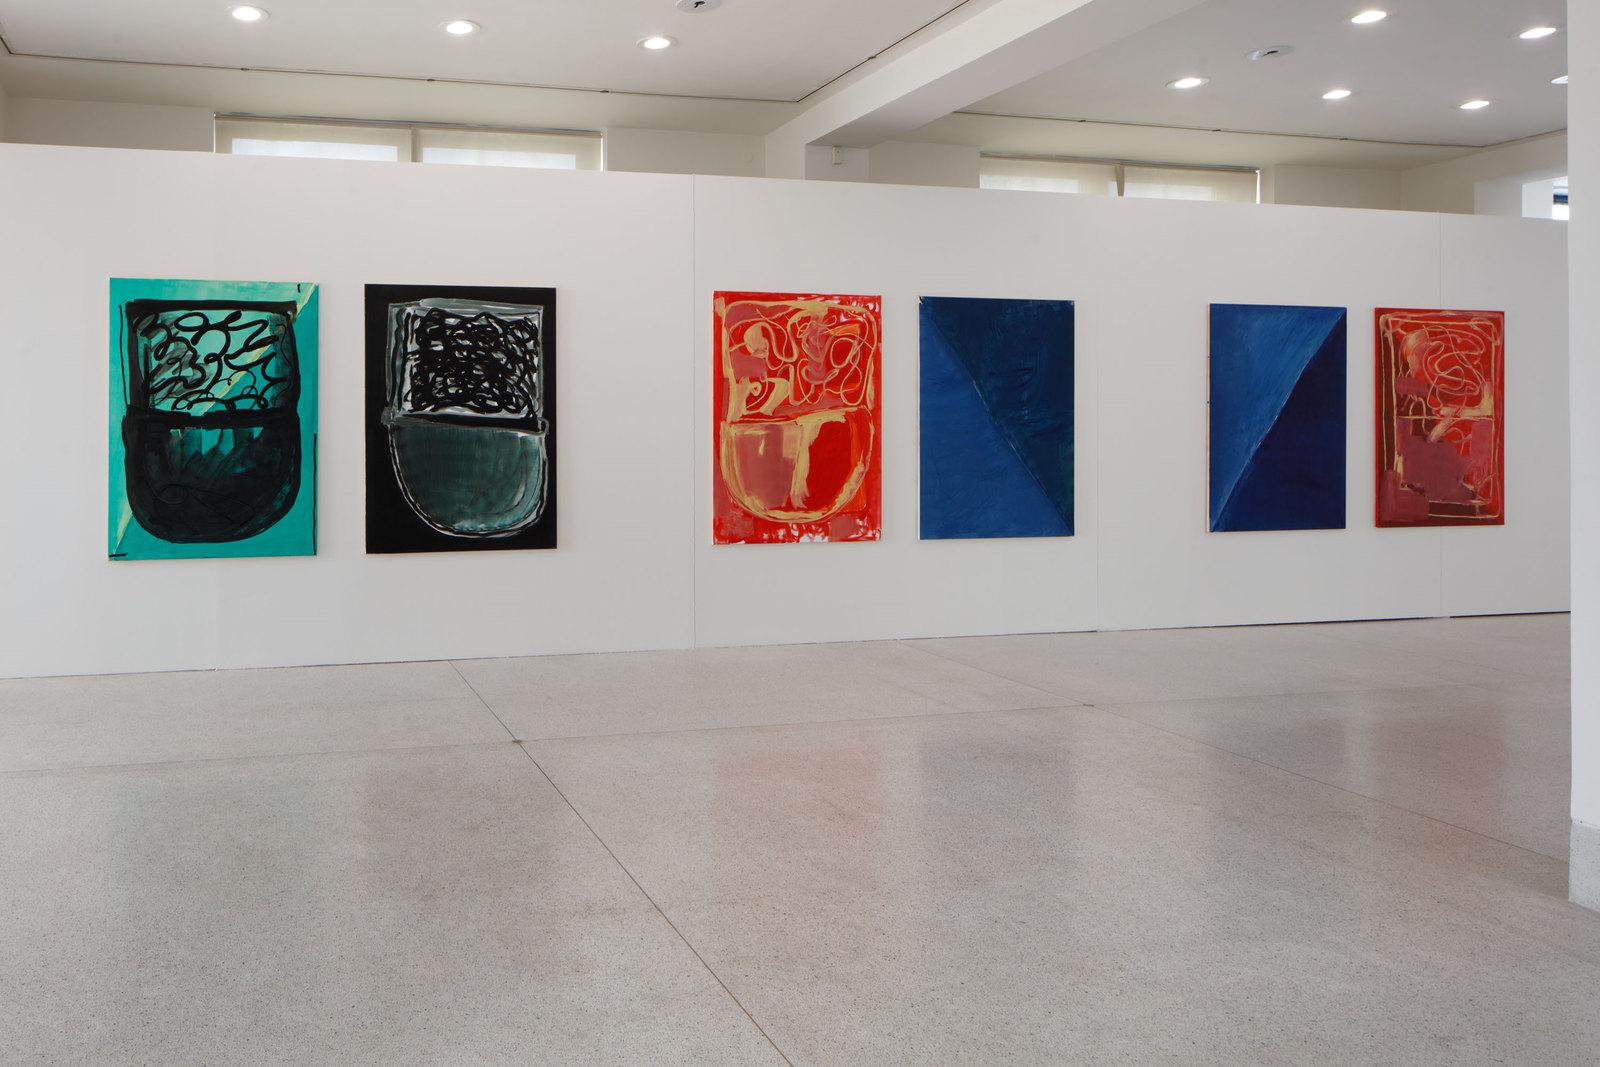 Martin Lukáč, installation view, 2016